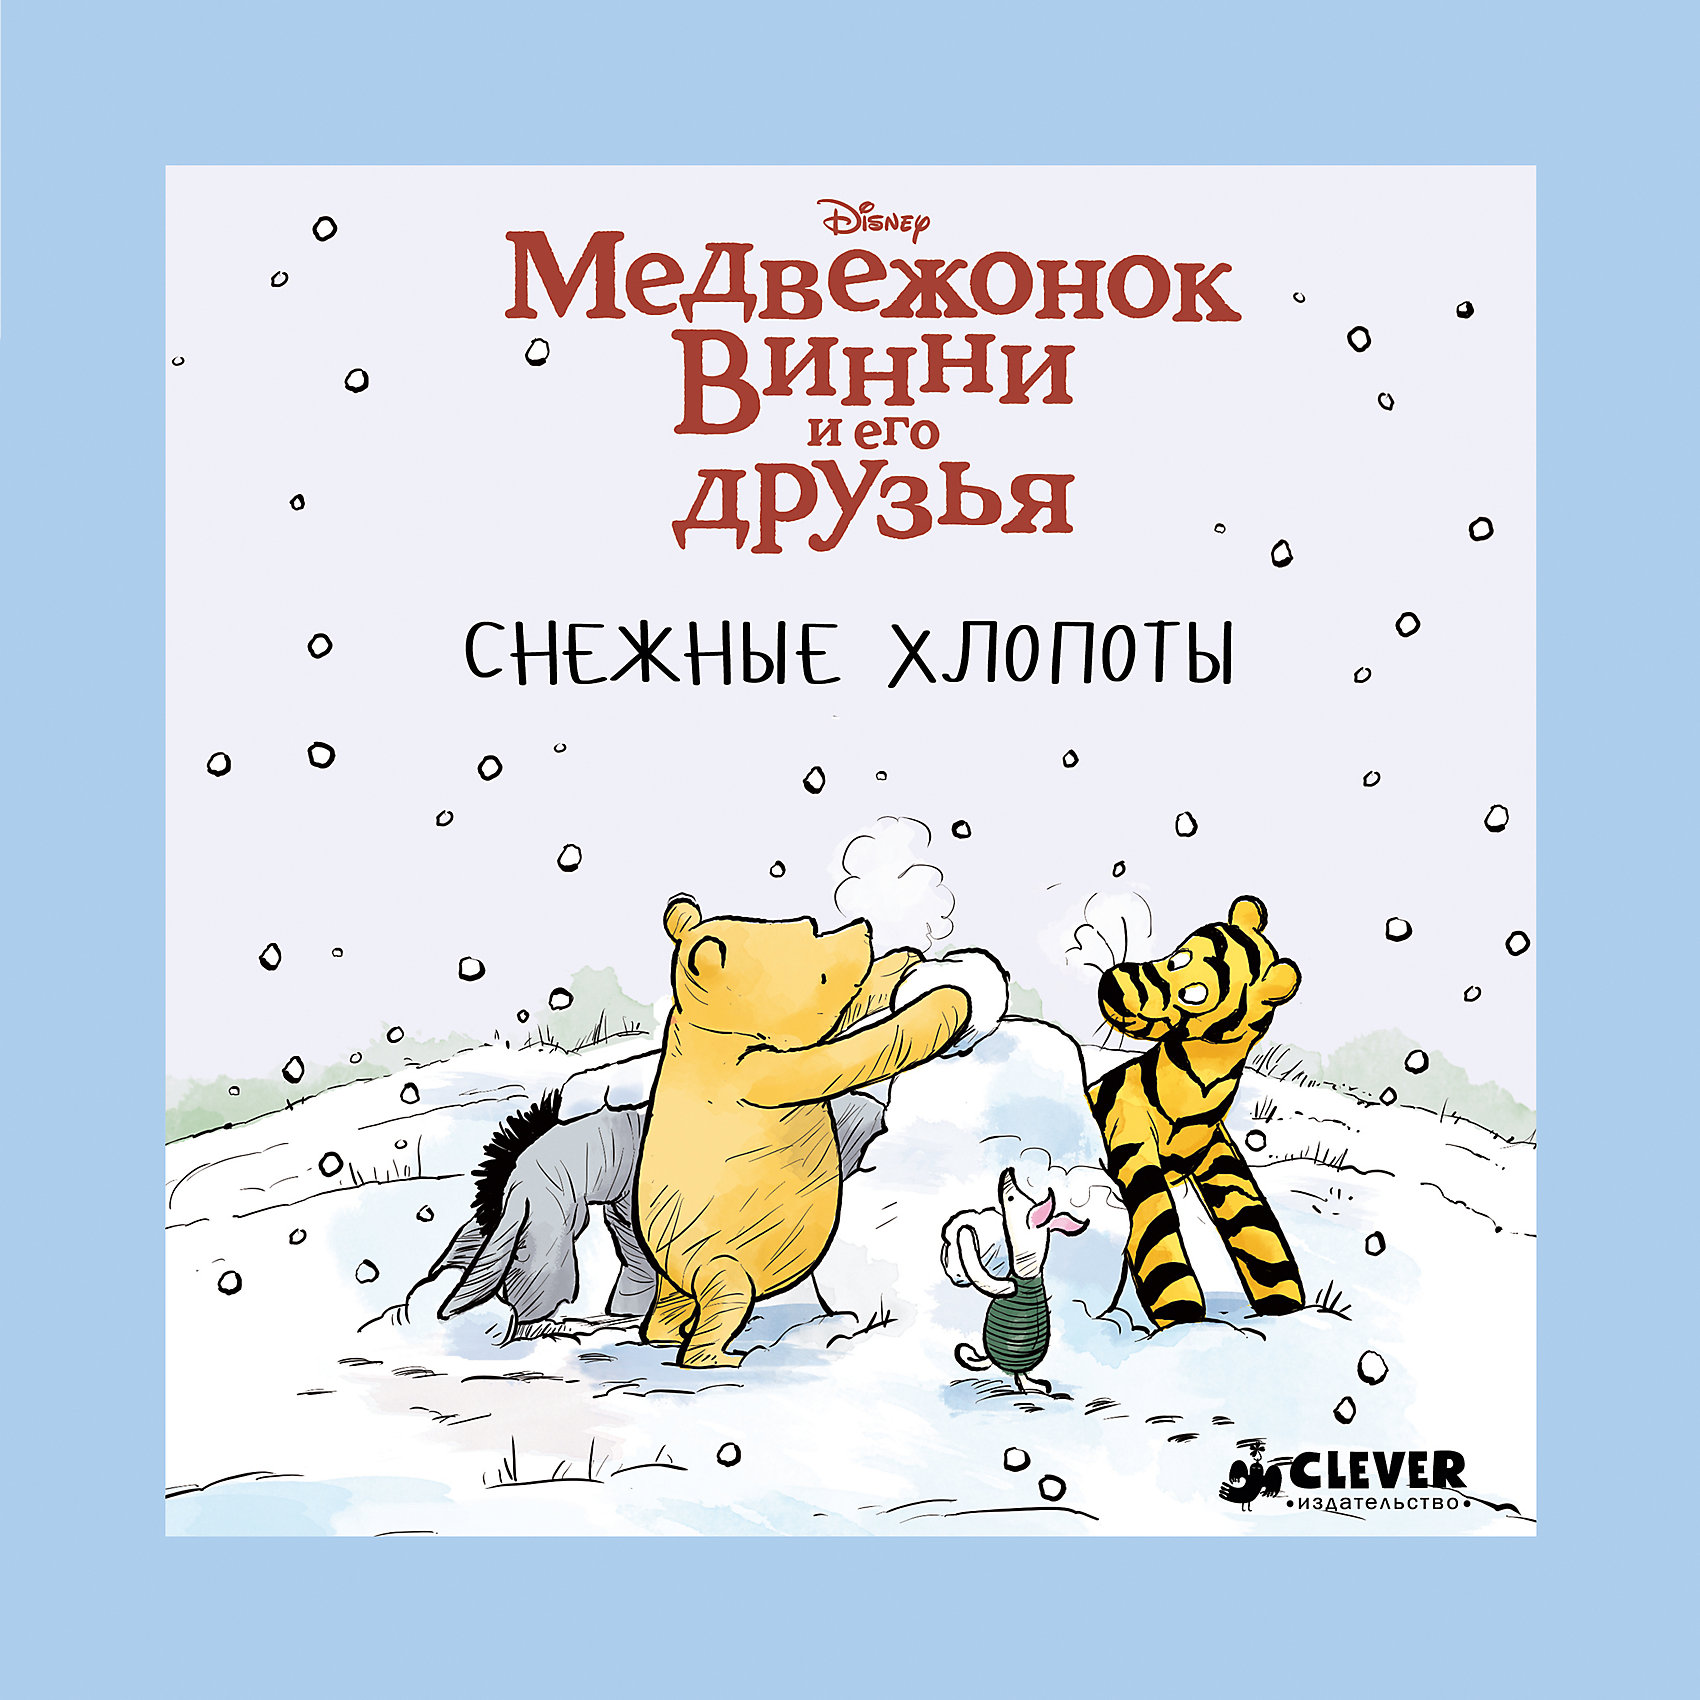 Снежные хлопоты, Медвежонок Винни и его друзьяСказки, рассказы, стихи<br>Характеристики книги Снежные хлопоты, Медвежонок Винни и его друзья:<br><br>• возраст: от 4 лет<br>• герой: Винни – Пух<br>• пол: для мальчиков и девочек<br>• материал: картон, бумага.<br>• количество страниц: 16.<br>• размер книги: 21.5х21.5х0.8 см.<br>• тип обложки: твердый.<br>• иллюстрации: цветные.<br>• бренд: издательство clever<br>• страна обладатель бренда: Россия.<br><br>Детская книжка Снежные хлопоты из серии Медвежонок Винни и его друзья от издательства Clever - это рассказ о зимних приключениях милого и доброго мишки по имени Винни Пух в компании его лучших друзей. Книга иллюстрированна красивыми цветными картинками, изображающими всех персонажей и сцены из повести.<br><br>Книгу Снежные хлопоты, Медвежонок Винни и его друзья можно купить в нашем интернет-магазине.<br><br>Ширина мм: 215<br>Глубина мм: 215<br>Высота мм: 8<br>Вес г: 302<br>Возраст от месяцев: 48<br>Возраст до месяцев: 72<br>Пол: Унисекс<br>Возраст: Детский<br>SKU: 5377754